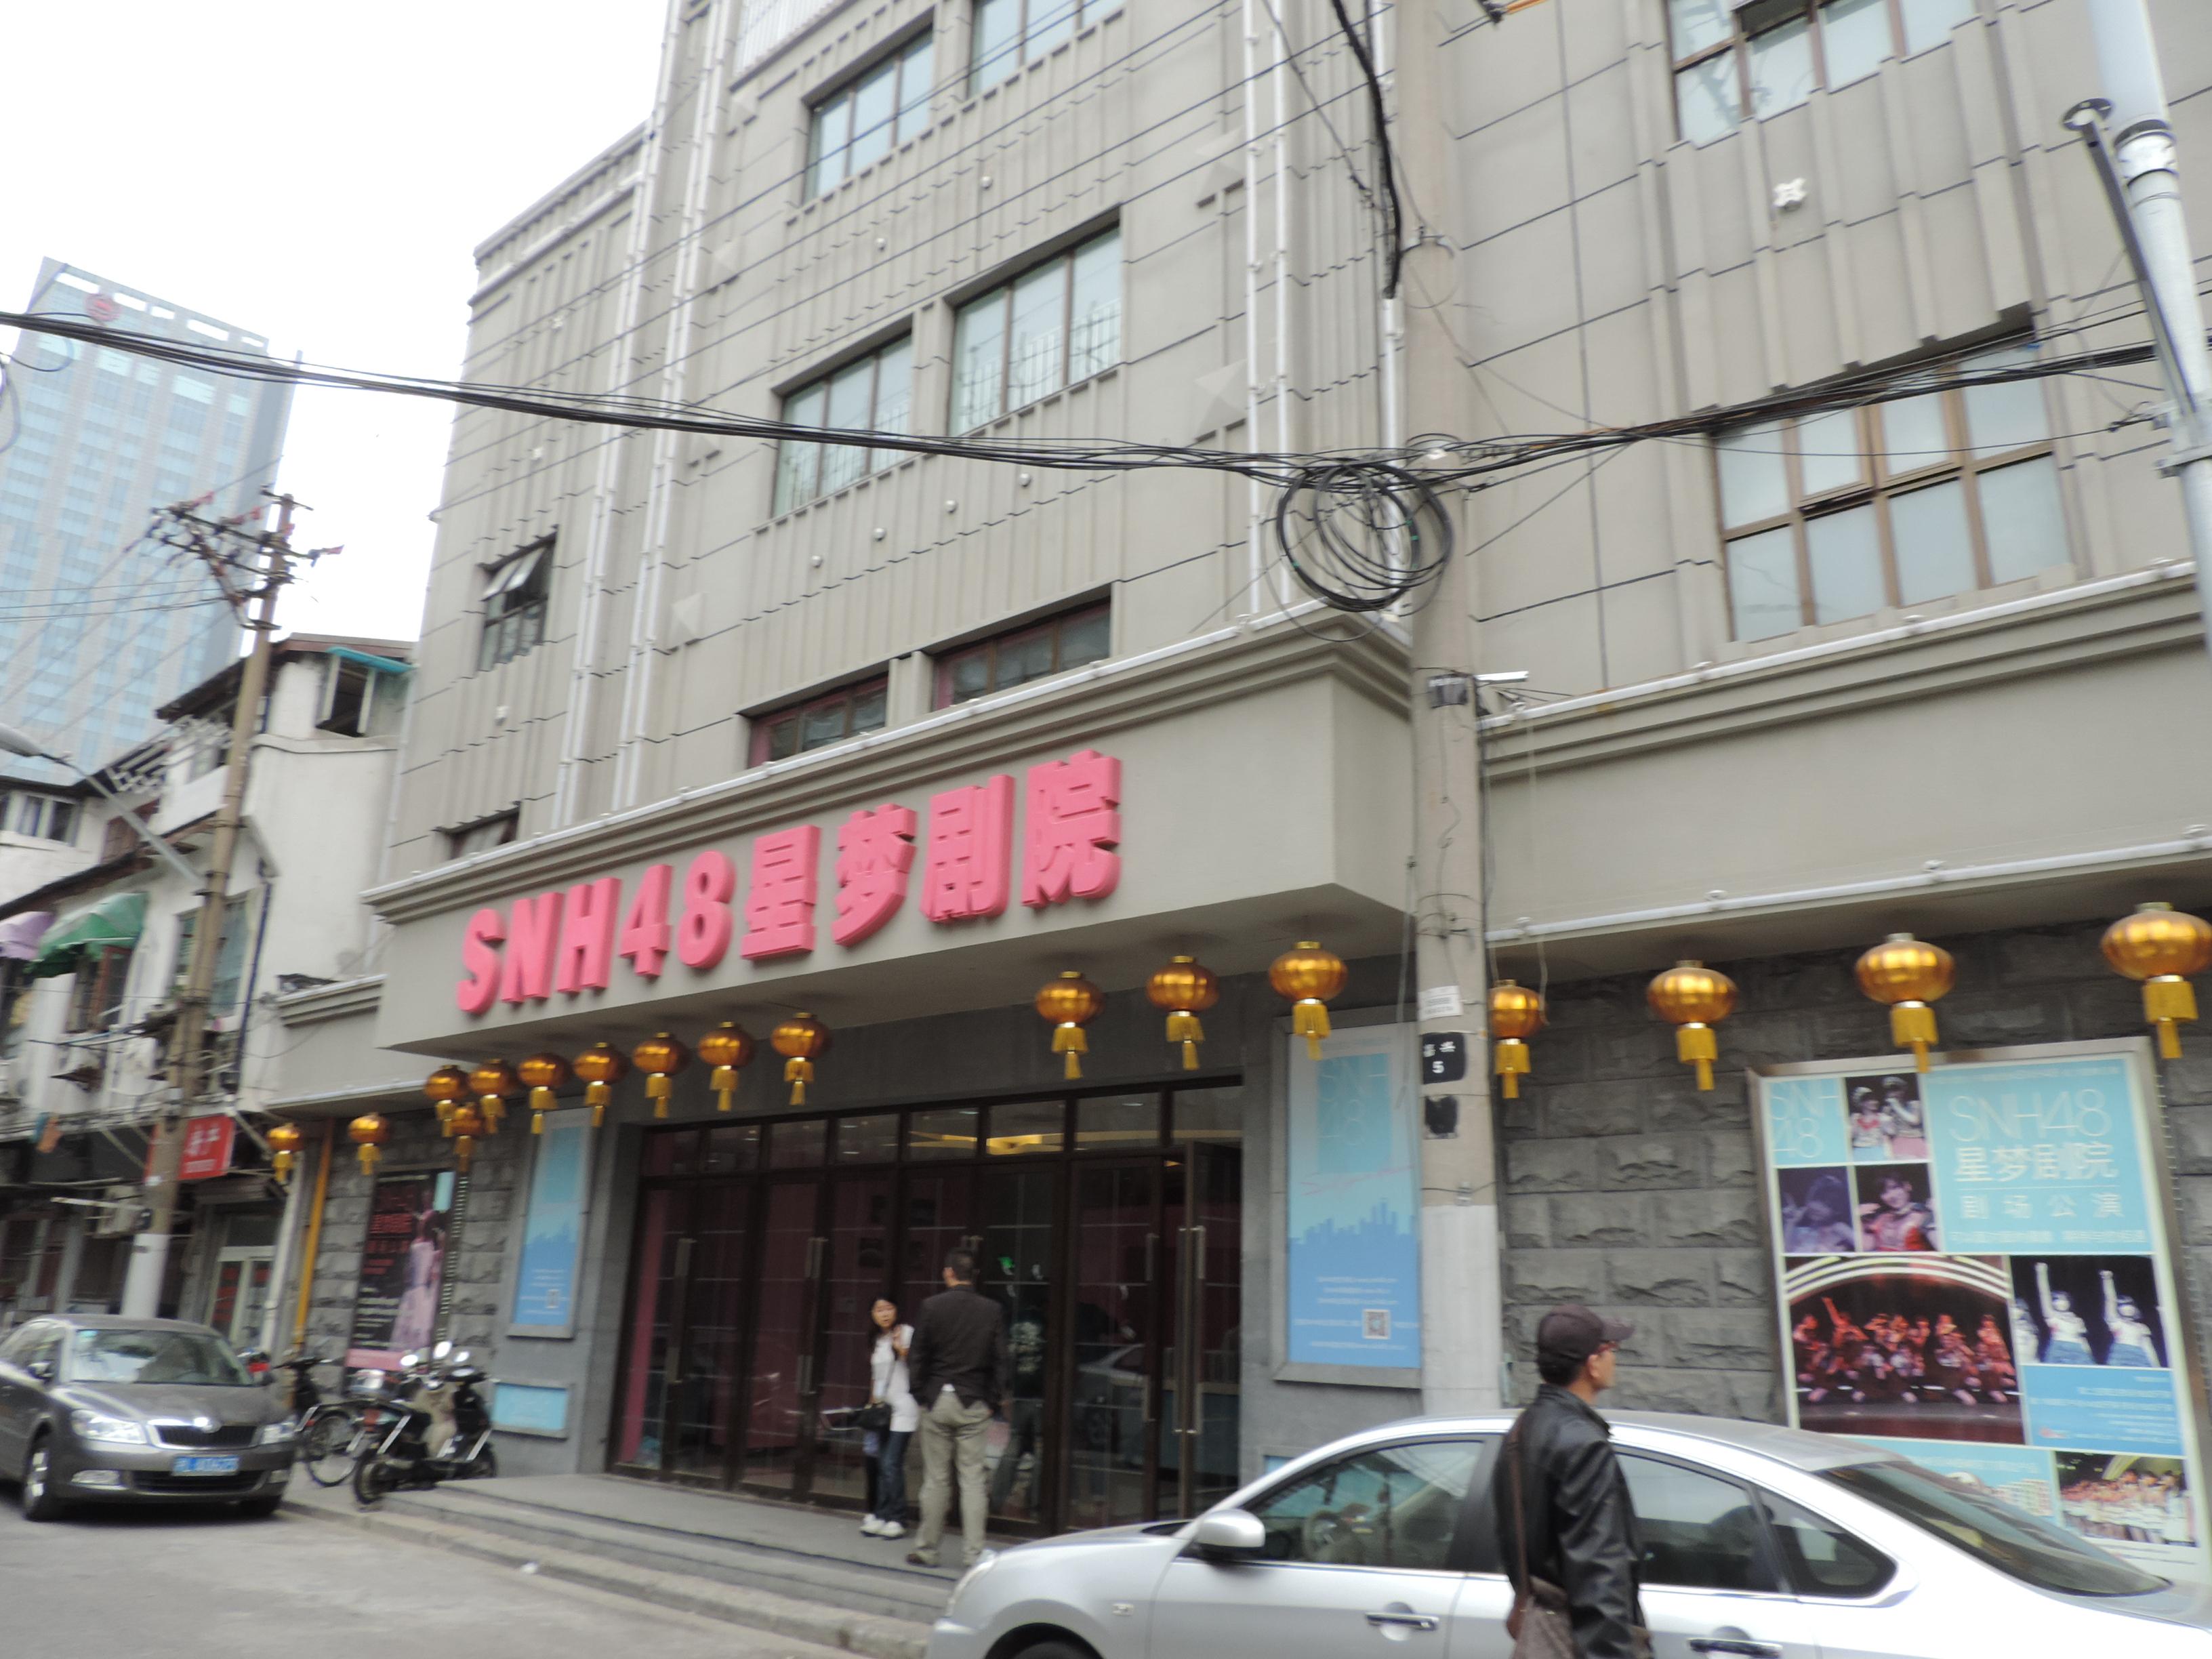 【SNH48劇場公演】「日本からのチケットの入手方法について(海外枠)」を一部修正しました